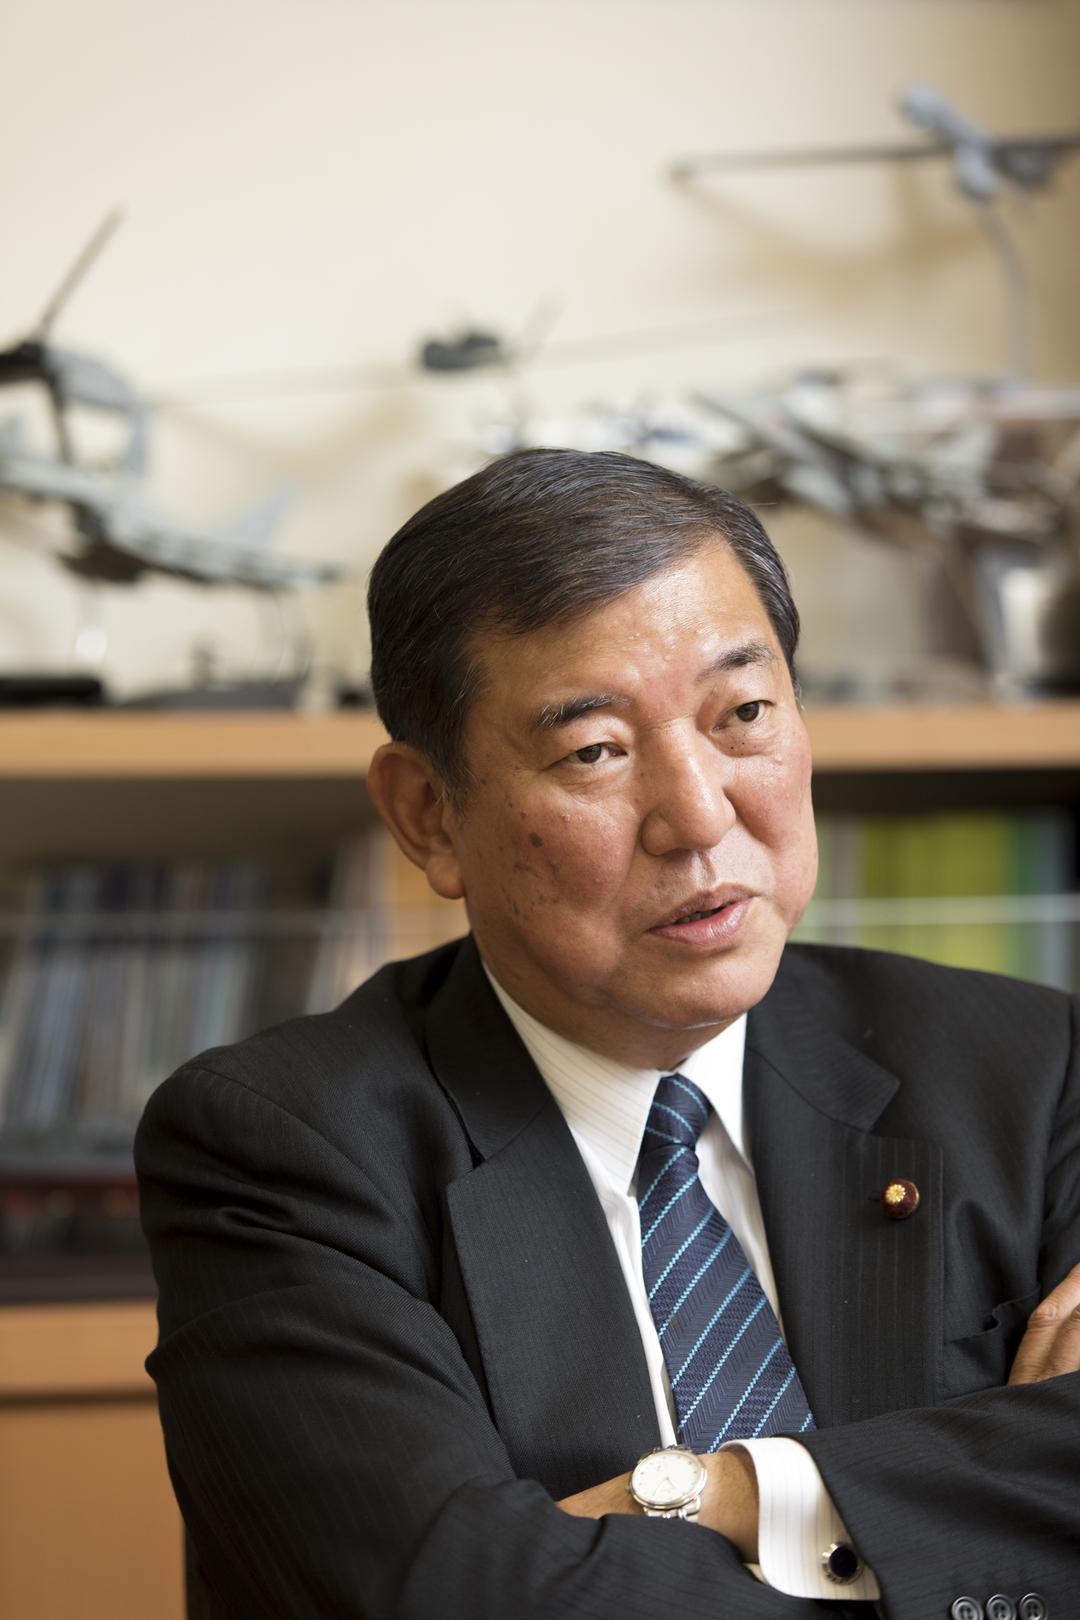 「戦略的国境」を拡大する中国に日本はどう向き合うべきか <br />石破茂議員【前編】